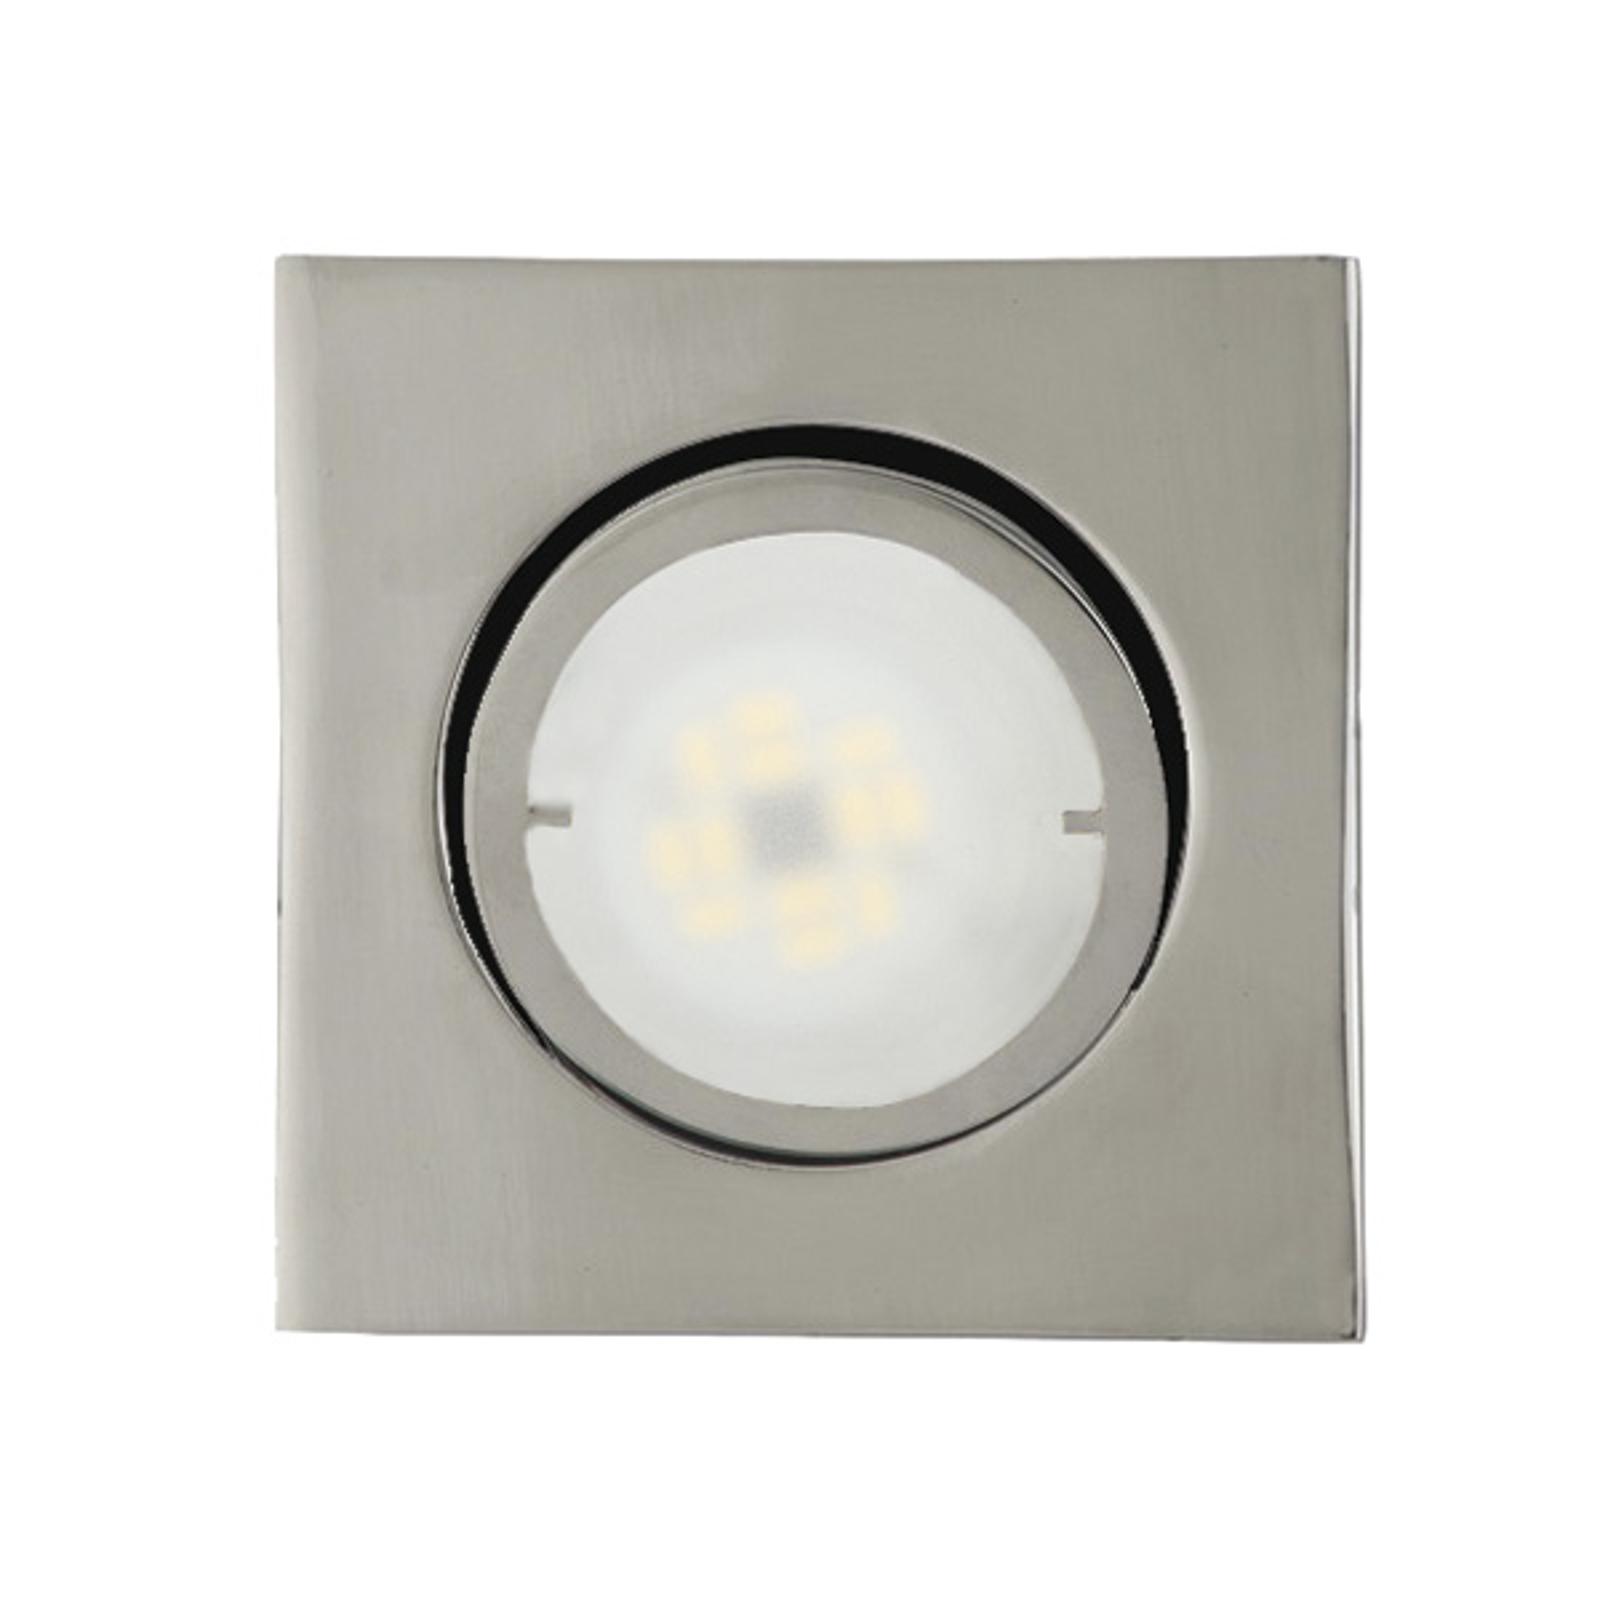 Kantig LED-inbyggnadslampa Joanie, krom